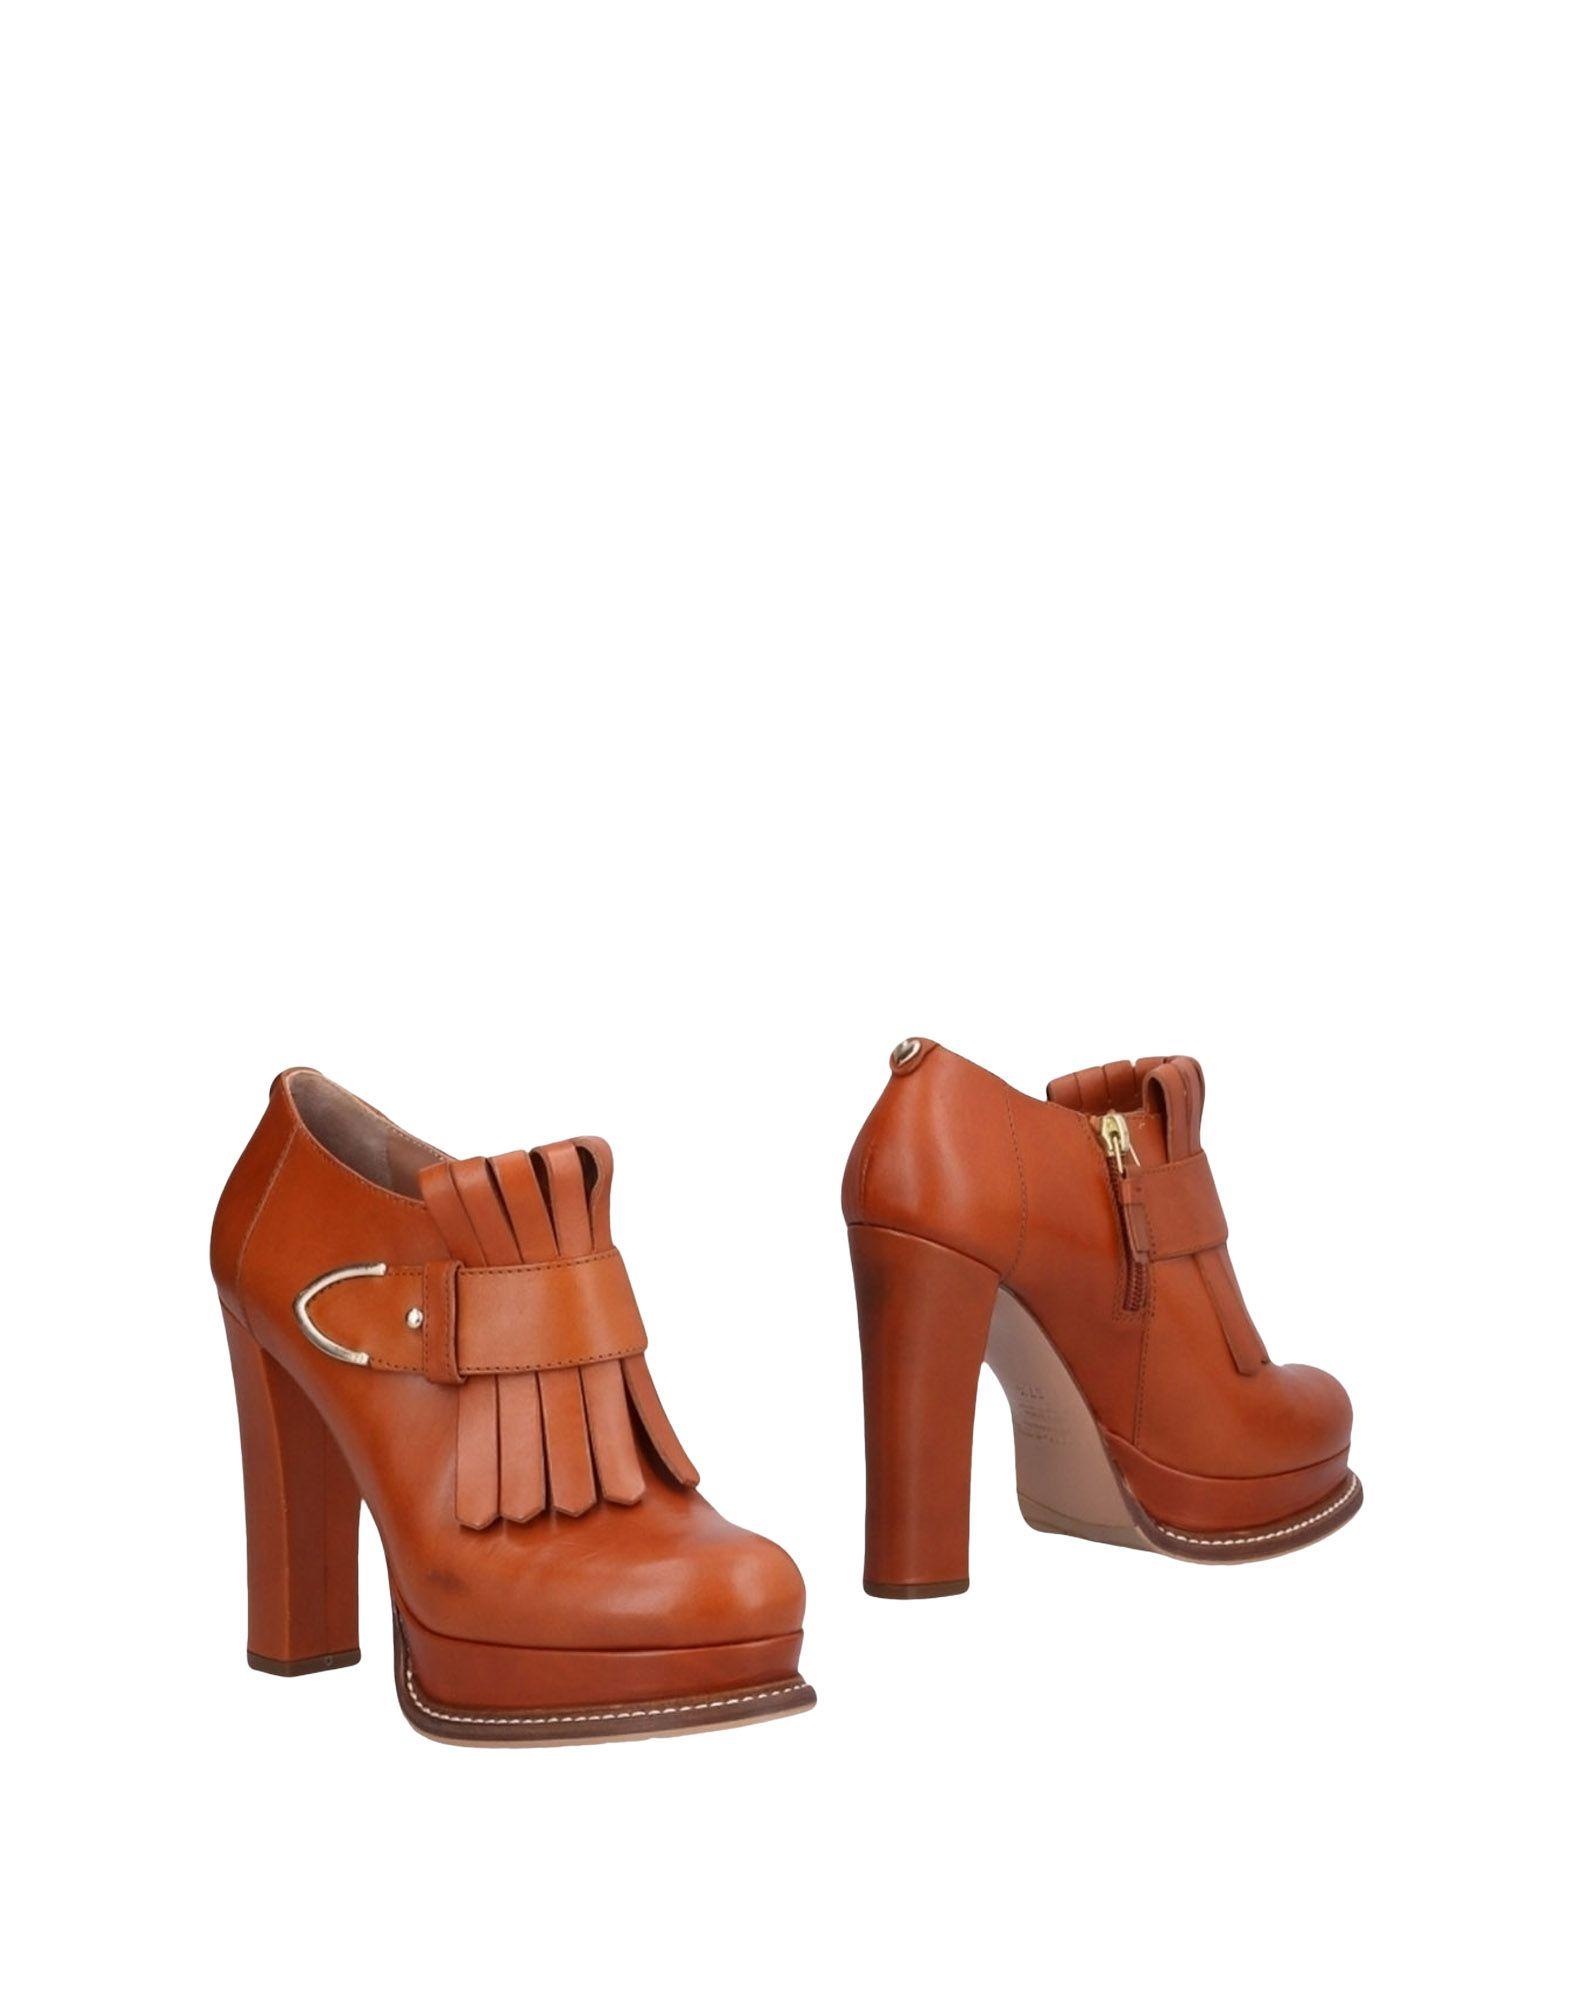 Gut um 11484977GR billige Schuhe zu tragenTwin 11484977GR um eb246f